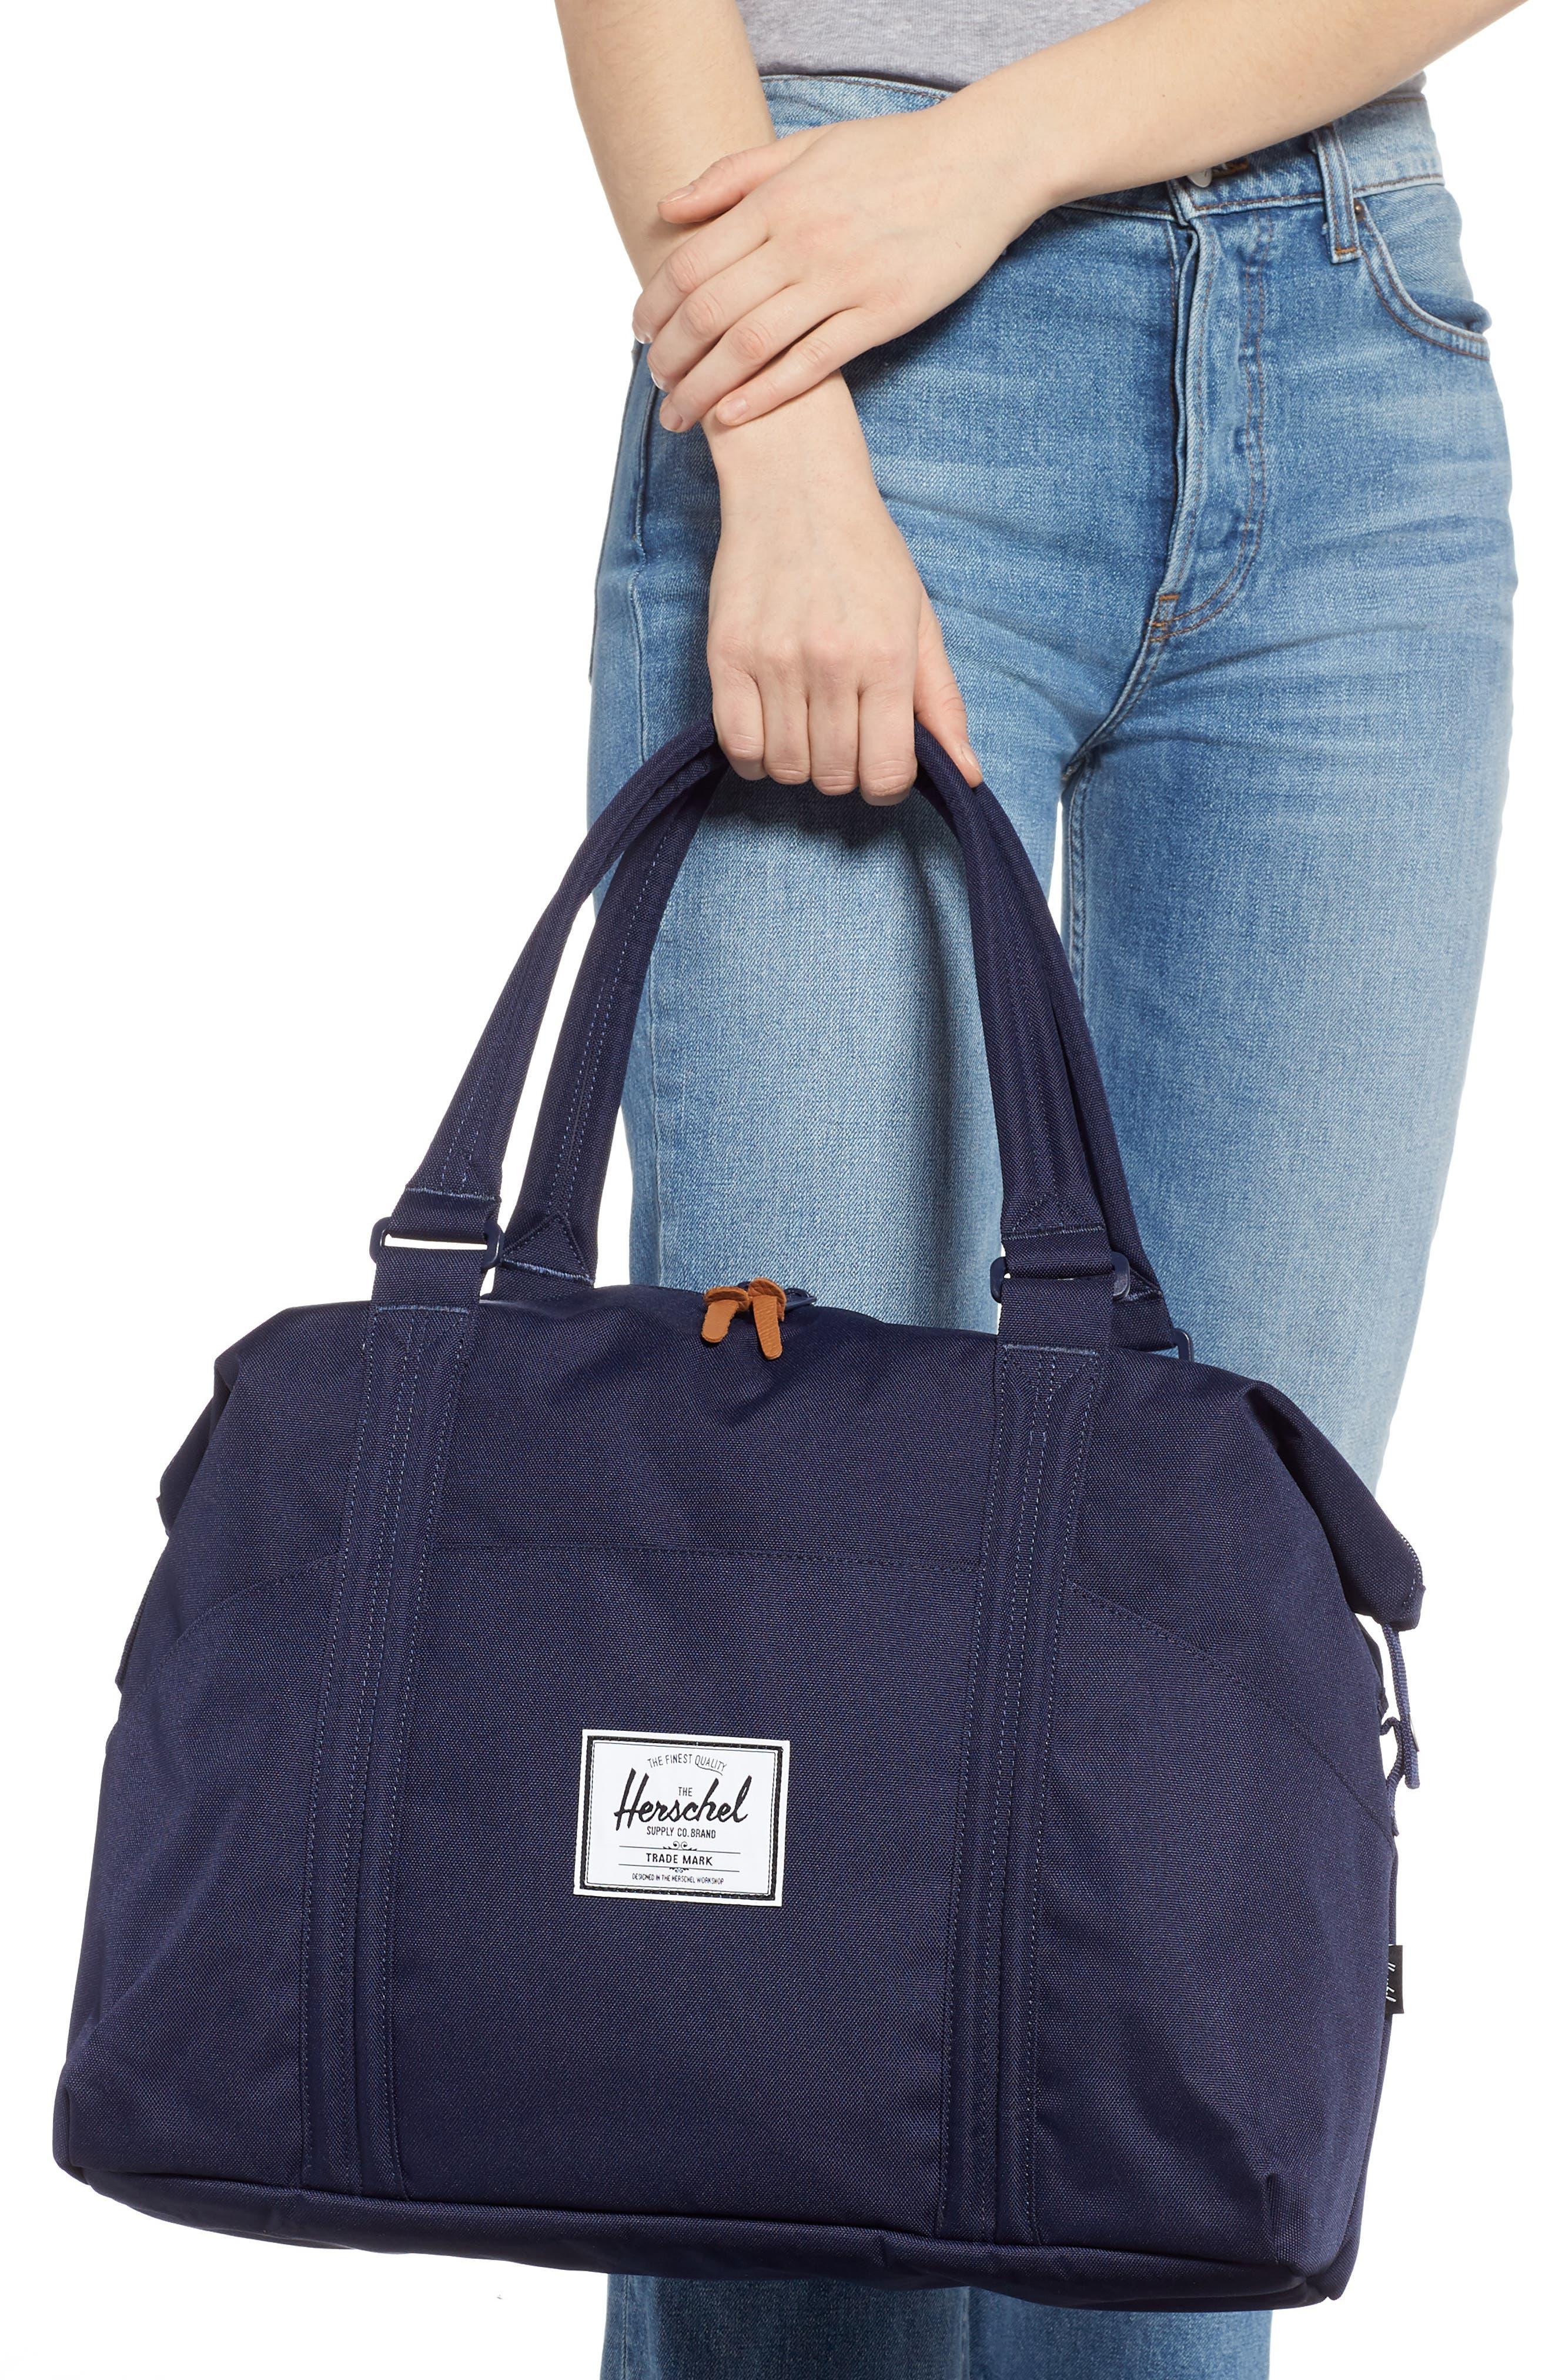 Strand Duffel Bag,                             Alternate thumbnail 2, color,                             PEACOAT